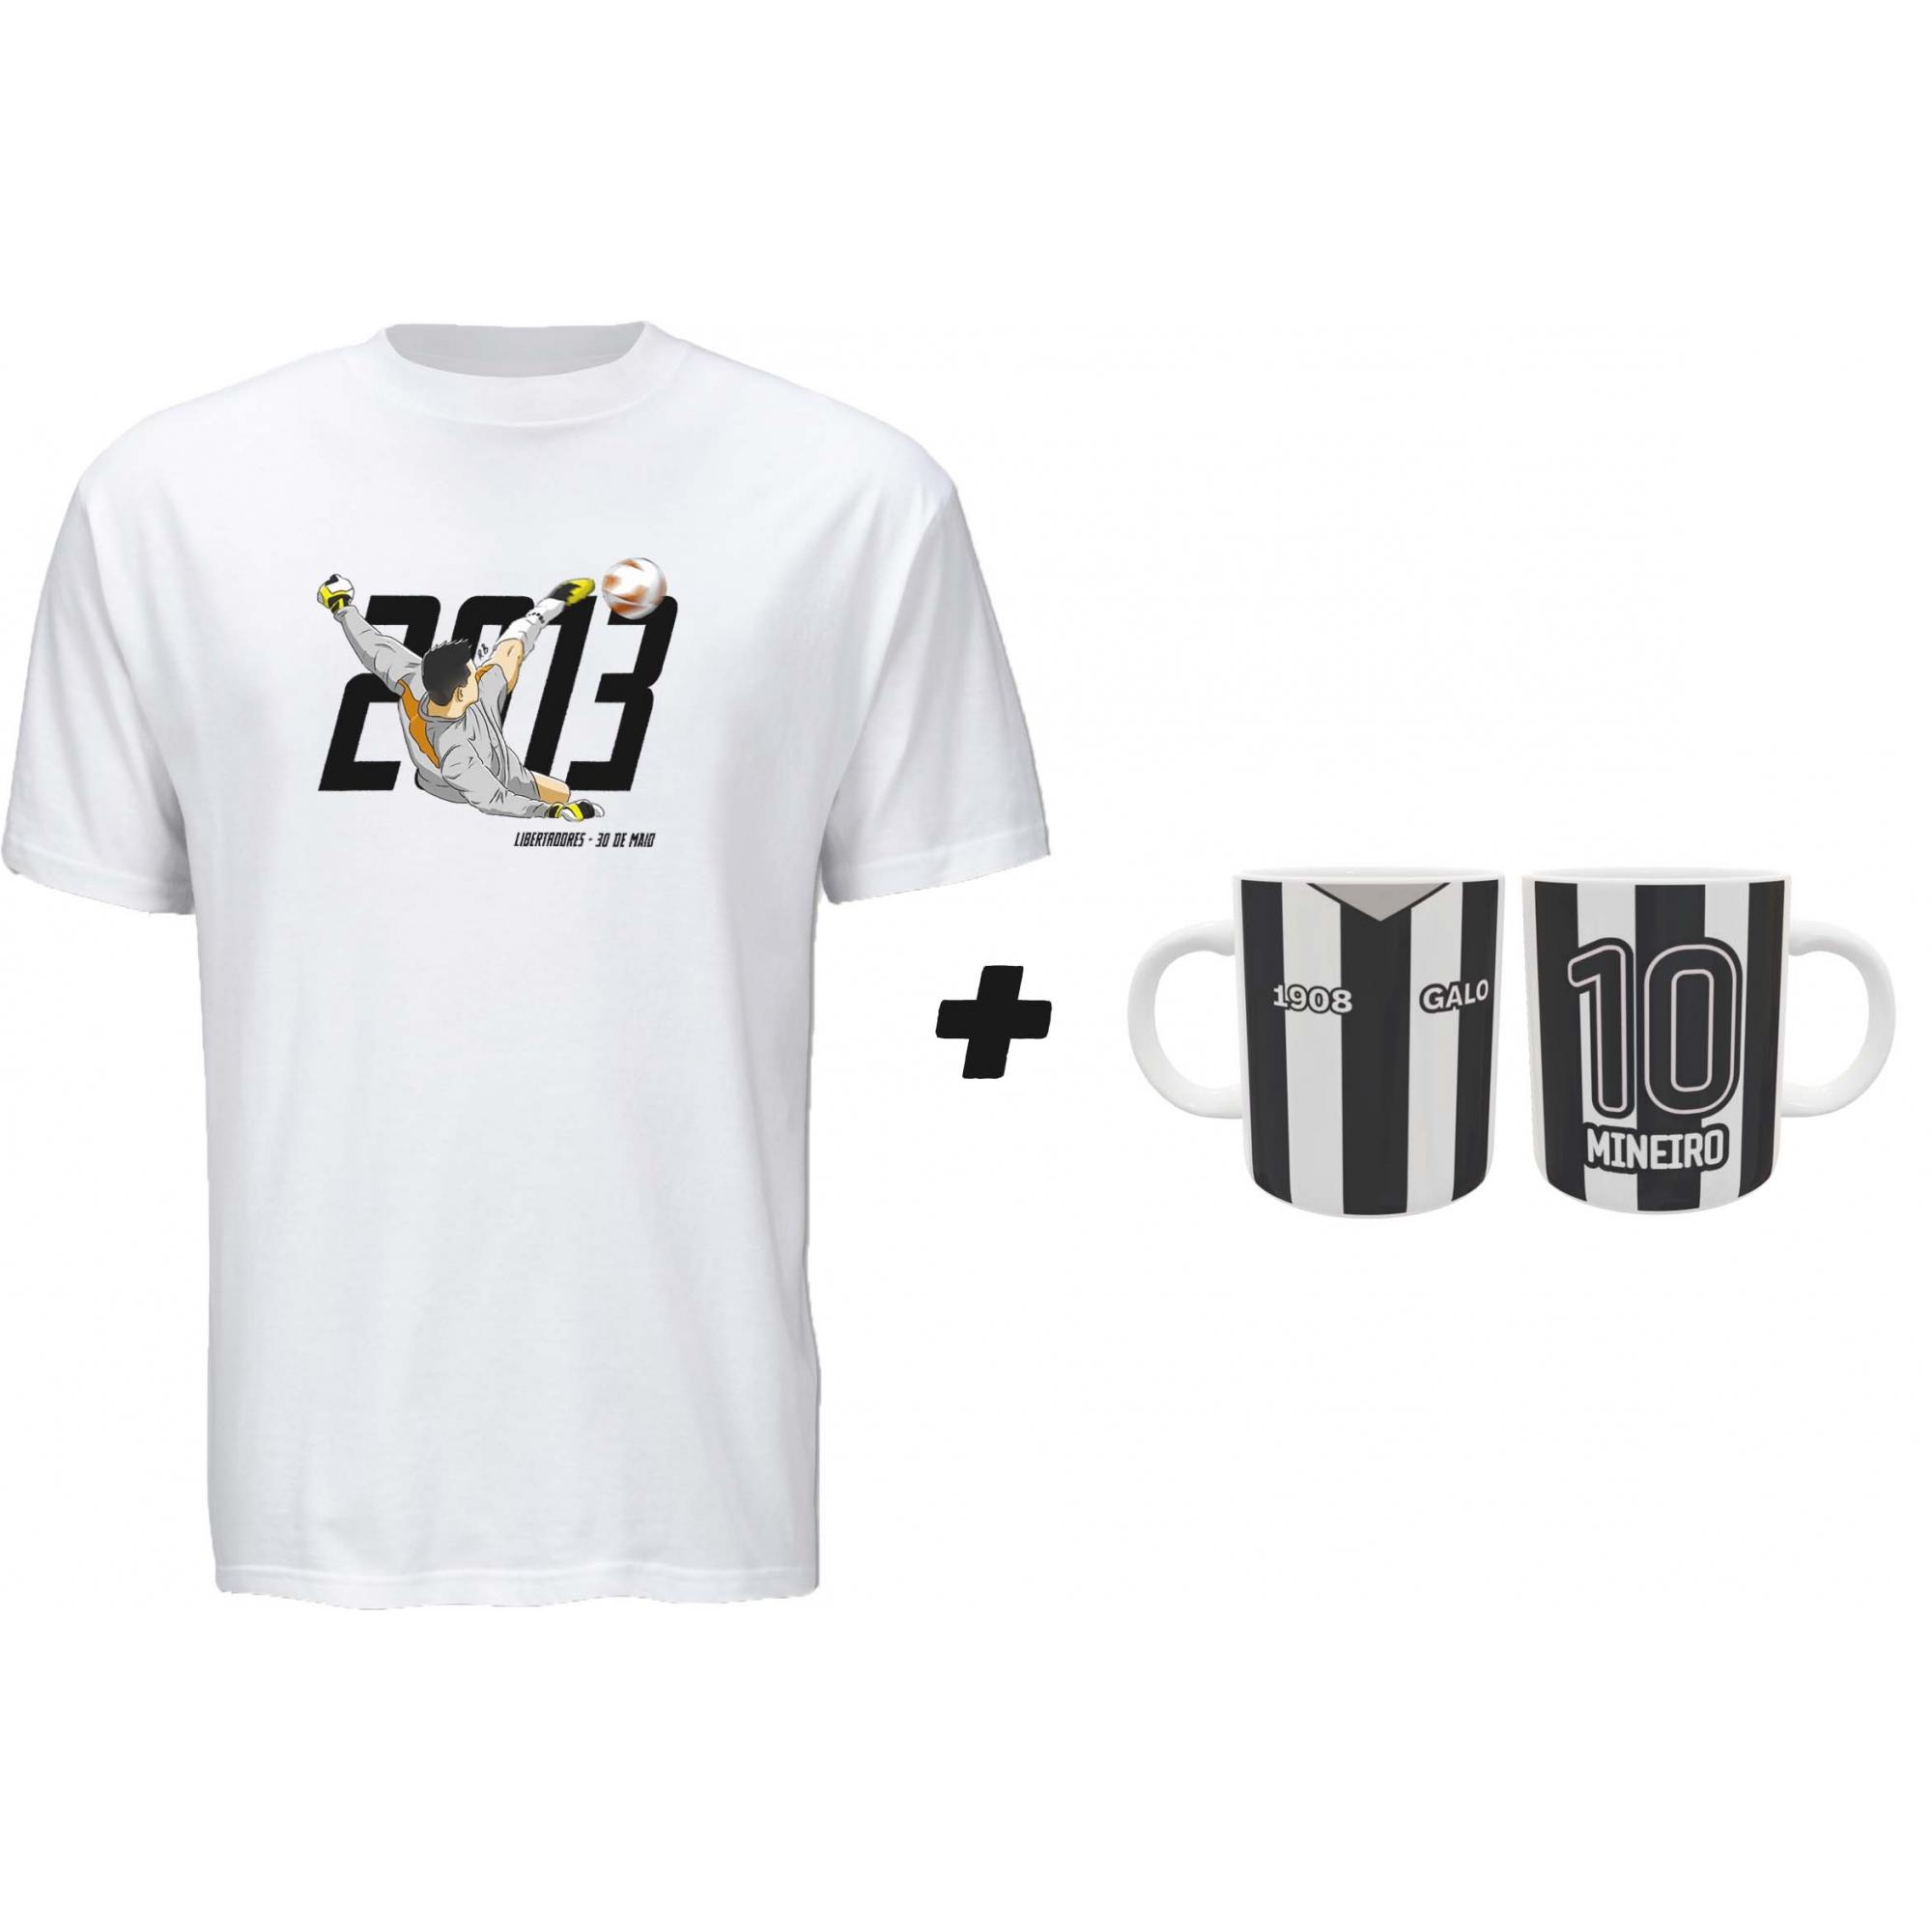 Kit Camiseta + Caneca Galo